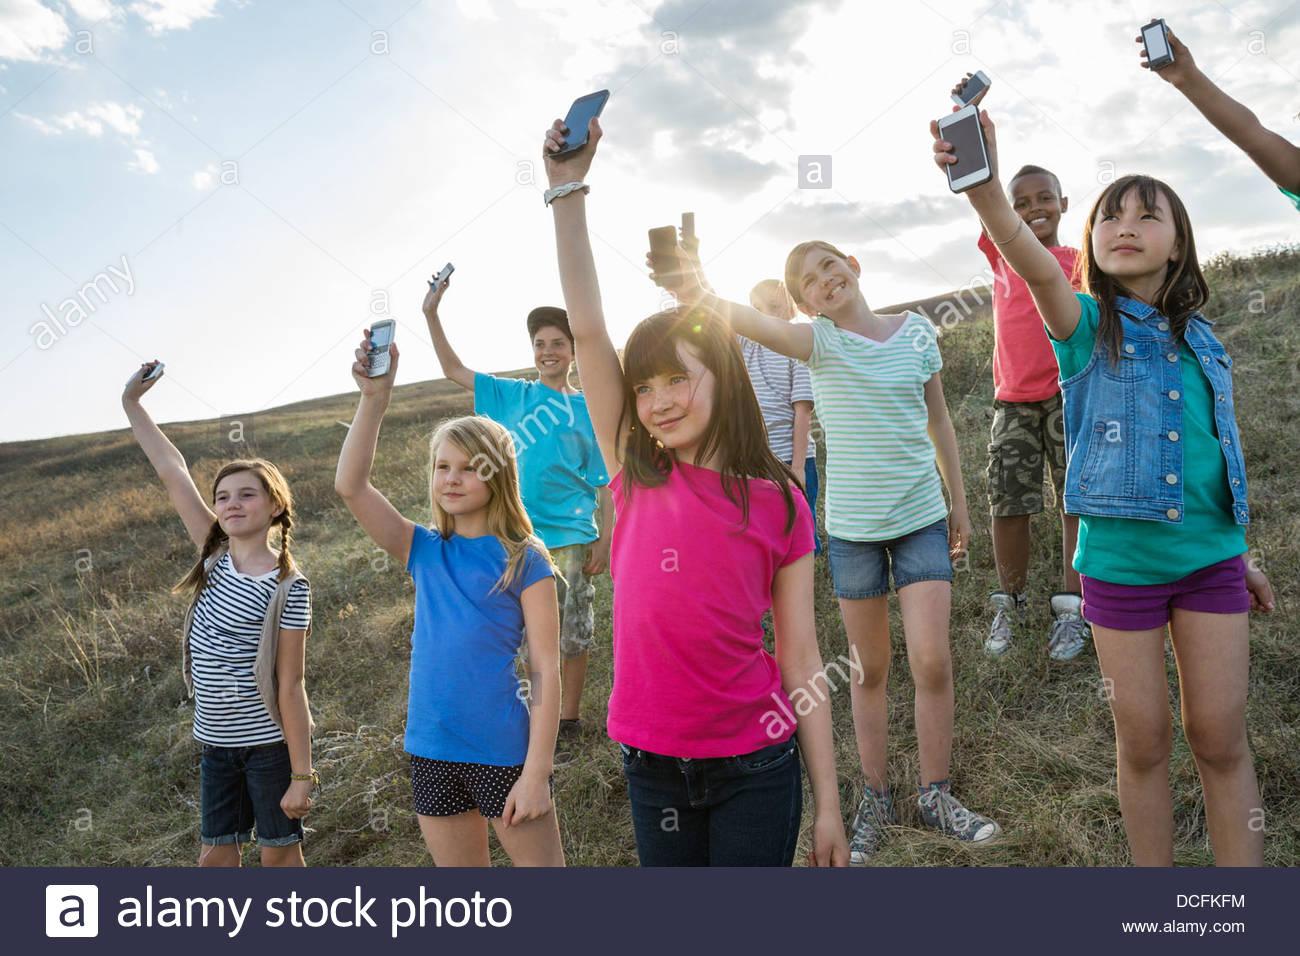 Gruppe von Kindern, die Mobiltelefone in der Luft halten Stockbild